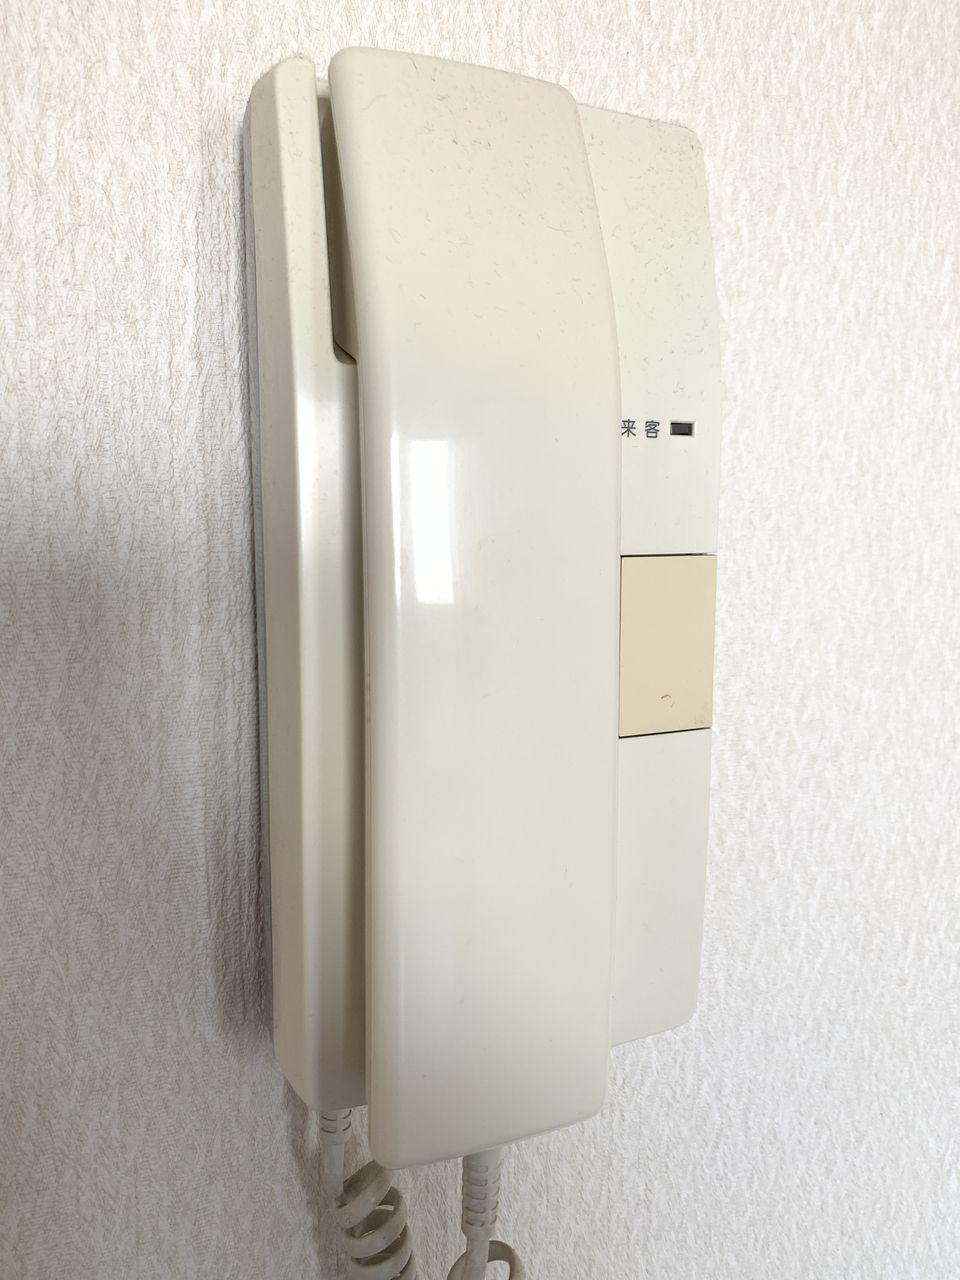 レナジア新深江インターフォンです。